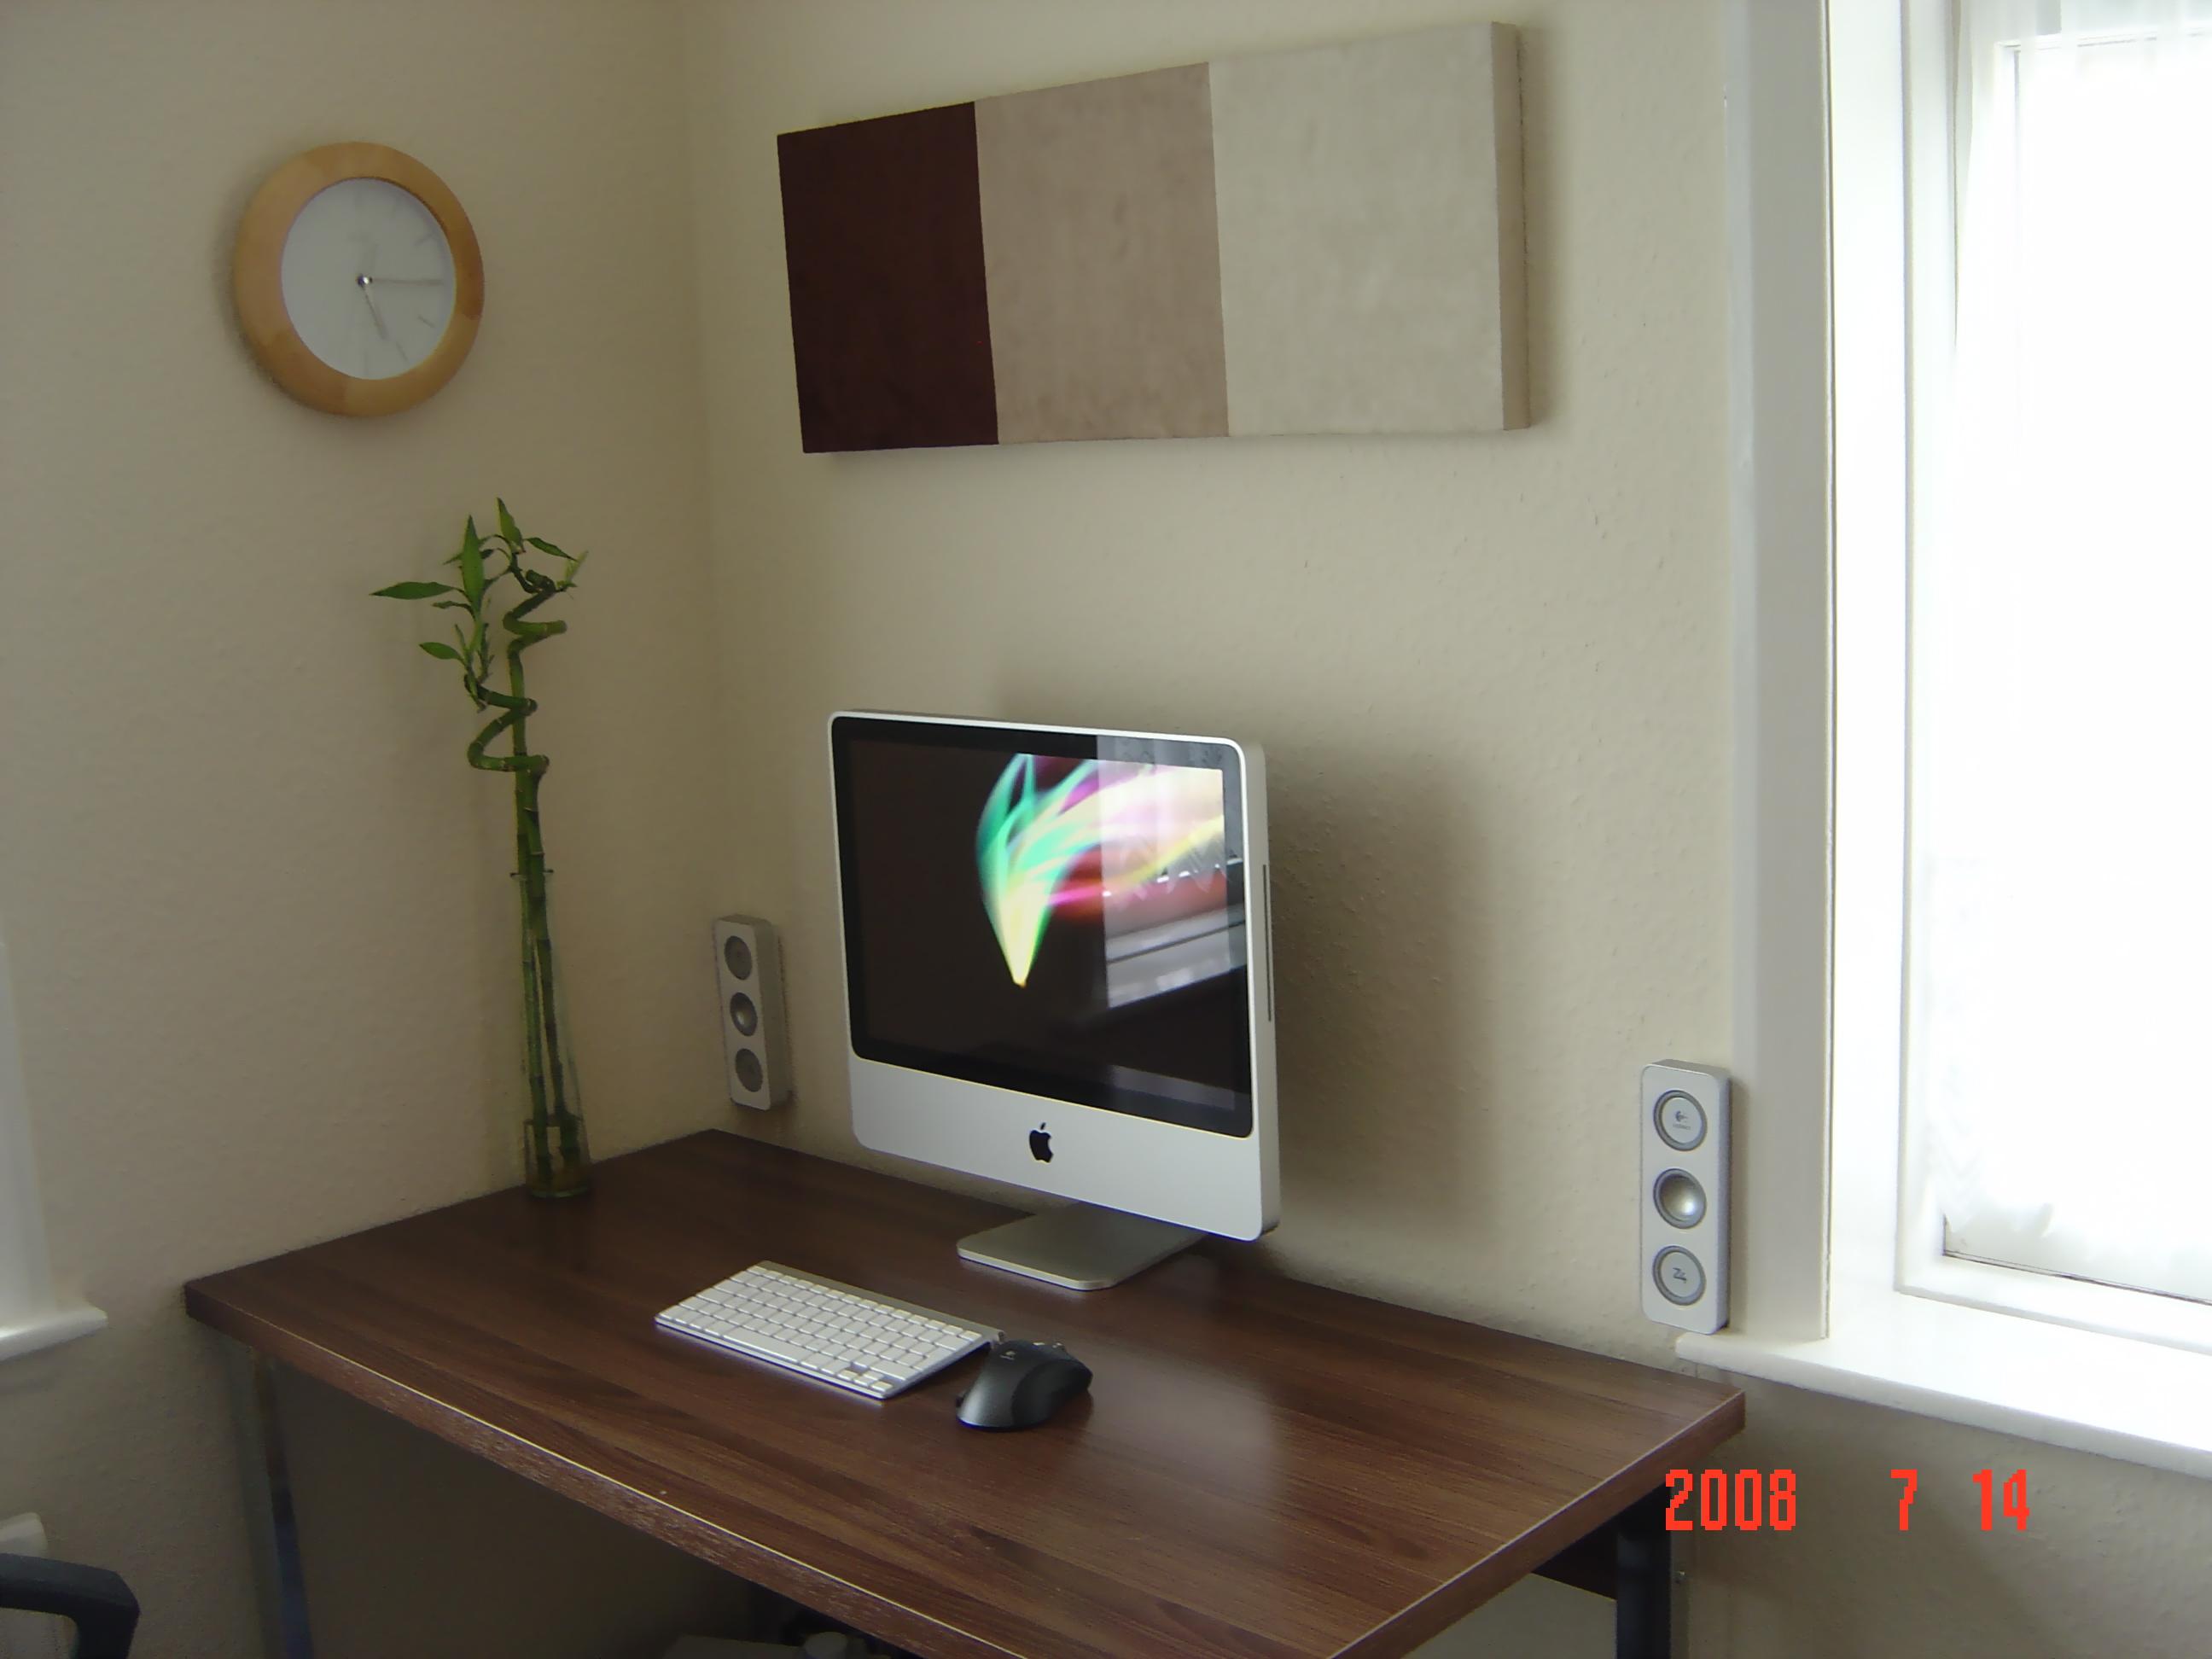 Hintergrundbilder Mobel Schreibtisch Anzeigegerat Buro Desktop